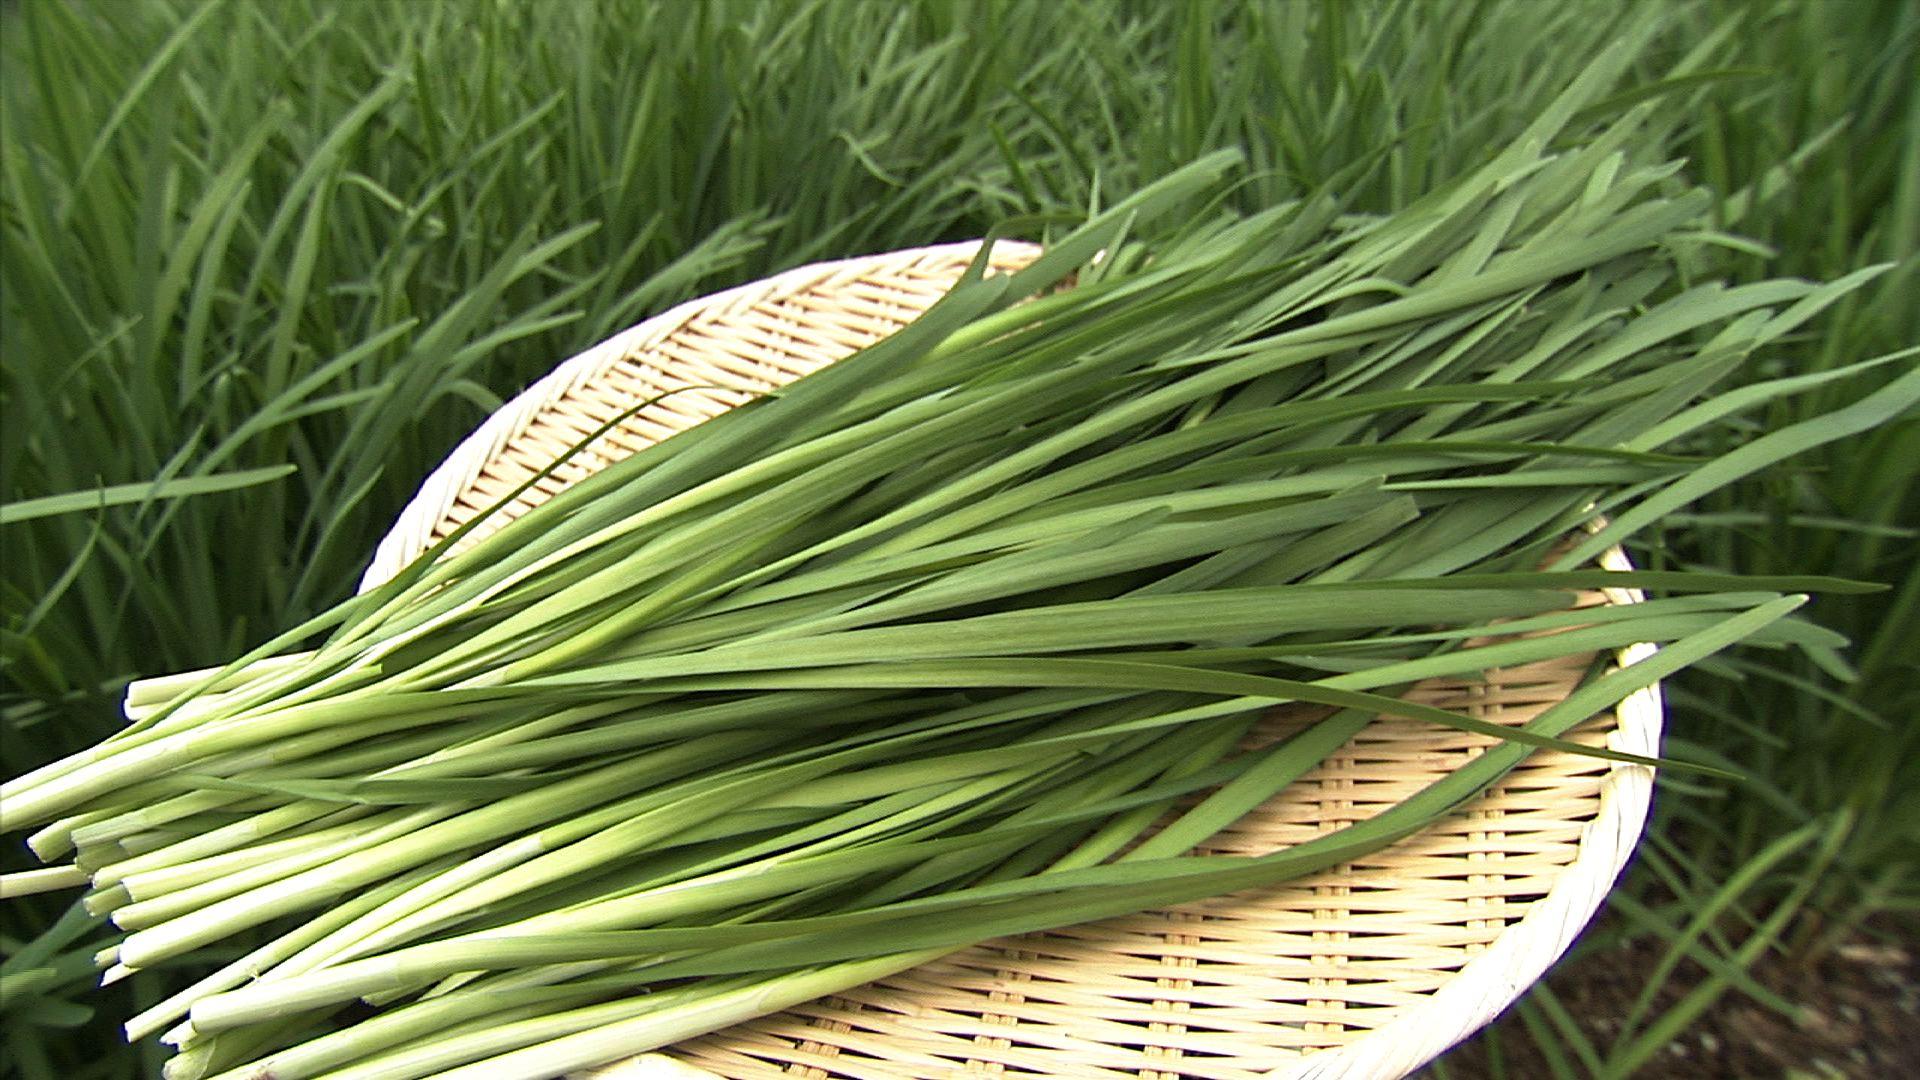 栄養豊富な野菜!ニラを冷凍保存して常備野菜にする方法とは?のサムネイル画像